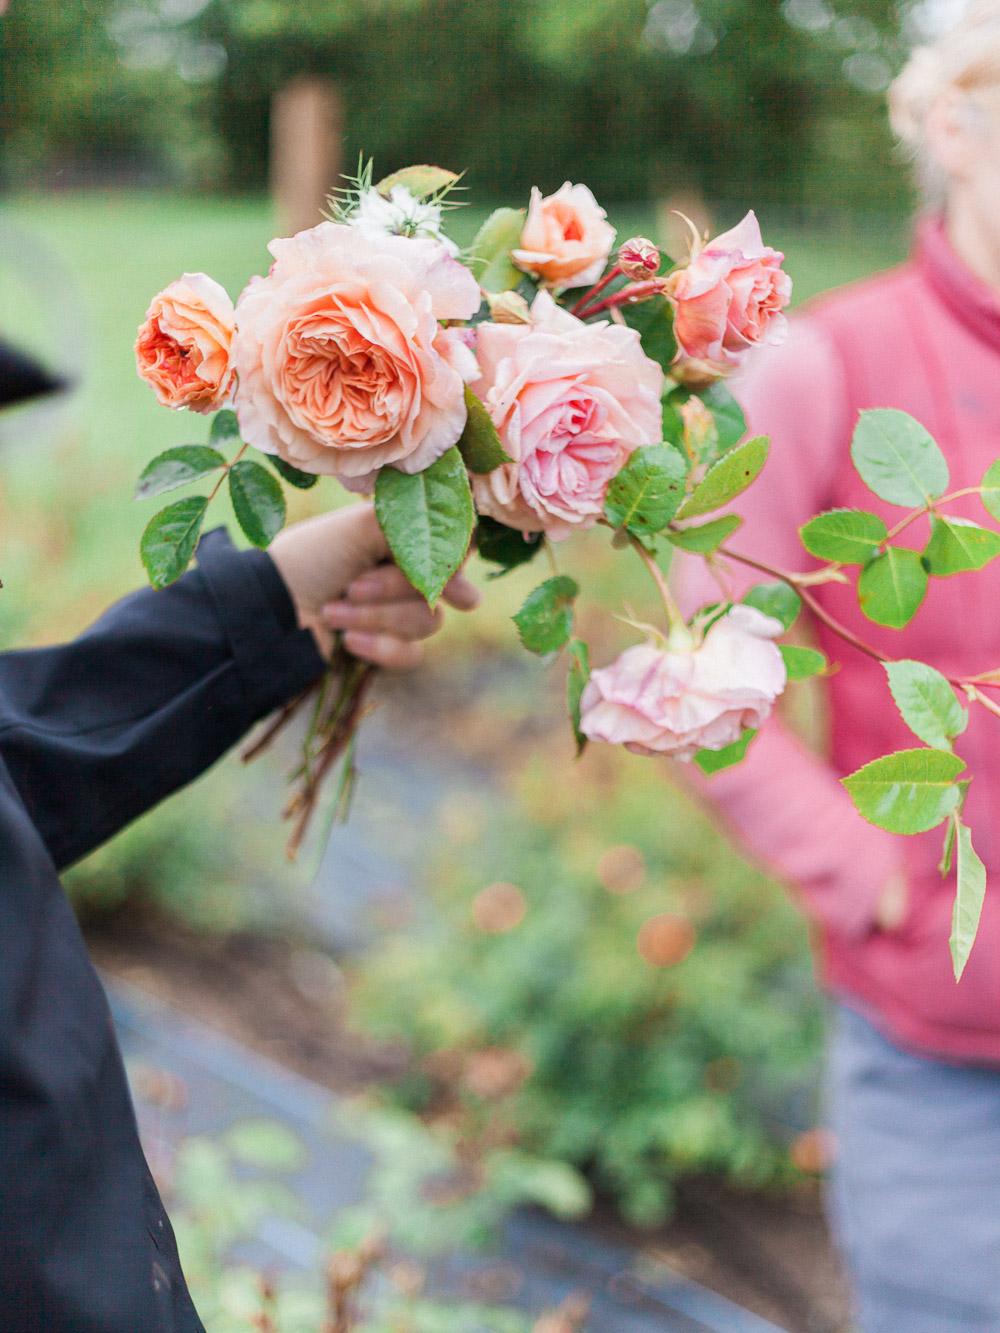 imogen xiana garden gate flower company-3.jpg